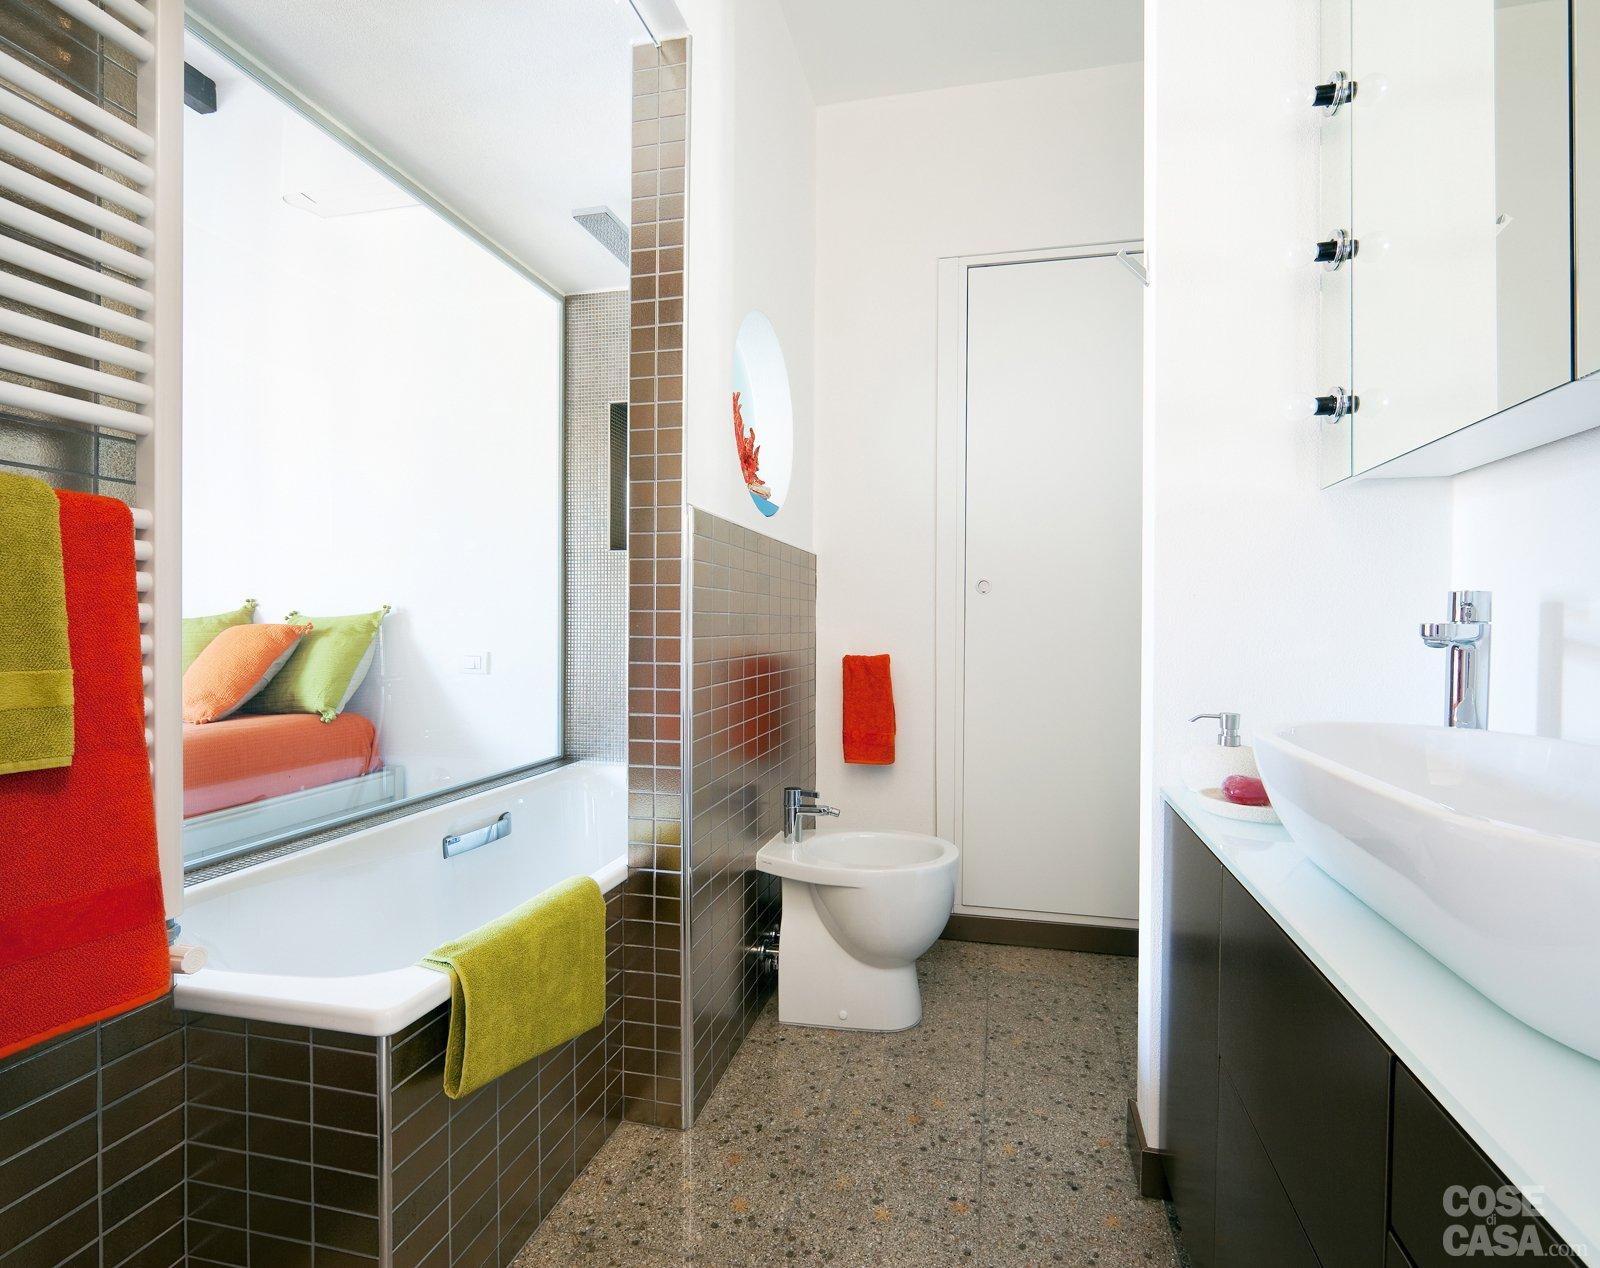 Bagno In Camera Piccolissimo : Una casa di 35 mq sfruttati al massimo cose di casa